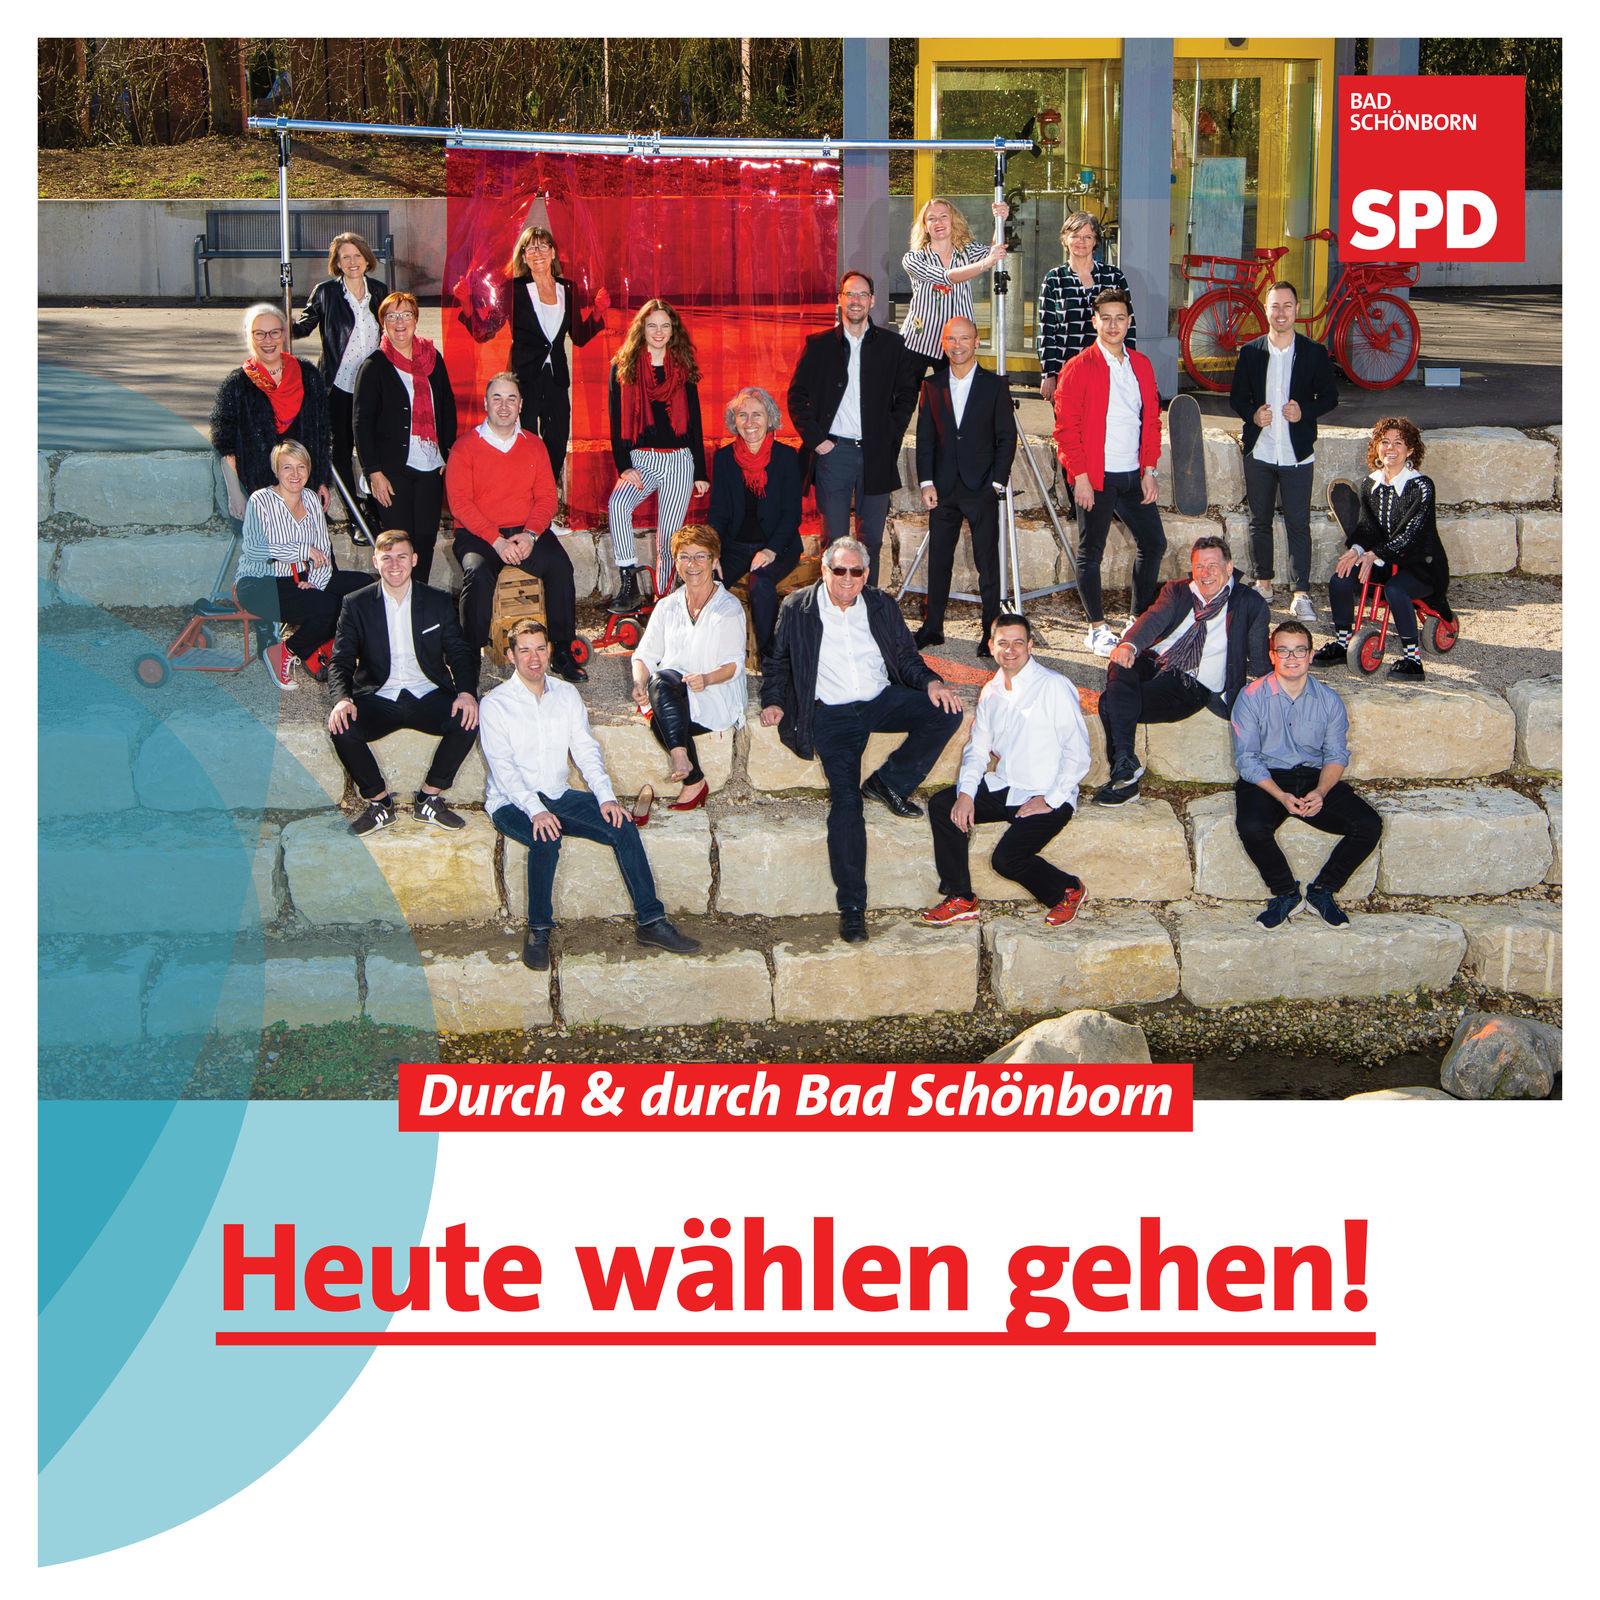 Spd Bad Schönborn